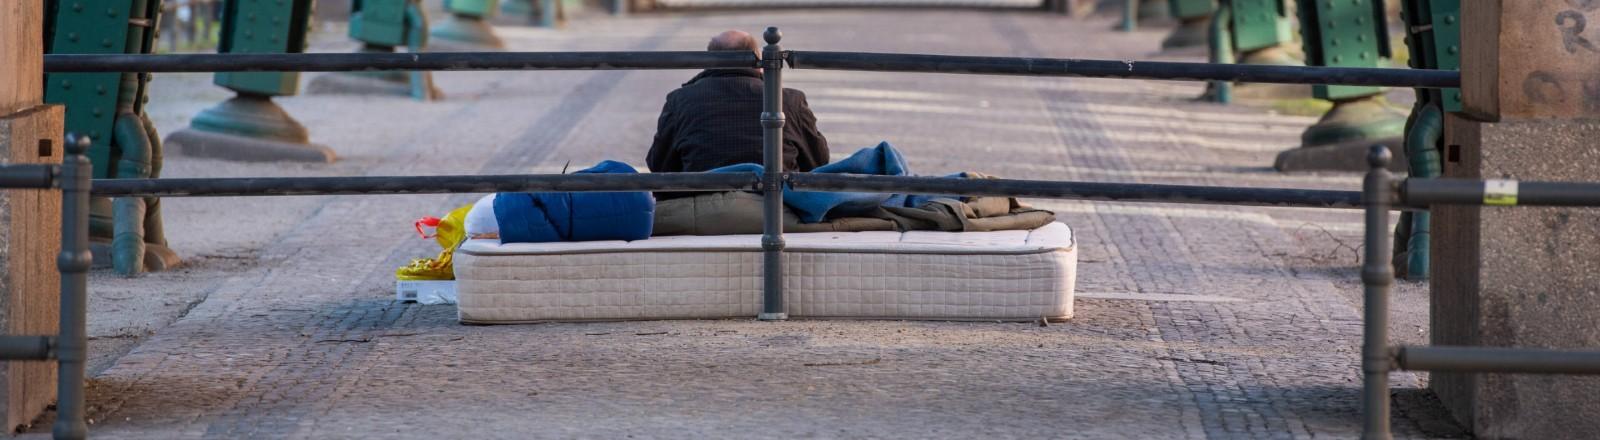 Obdachloser Mann sitzt auf einer Matratze unter dem Hochbahnviadukt in Berlin.